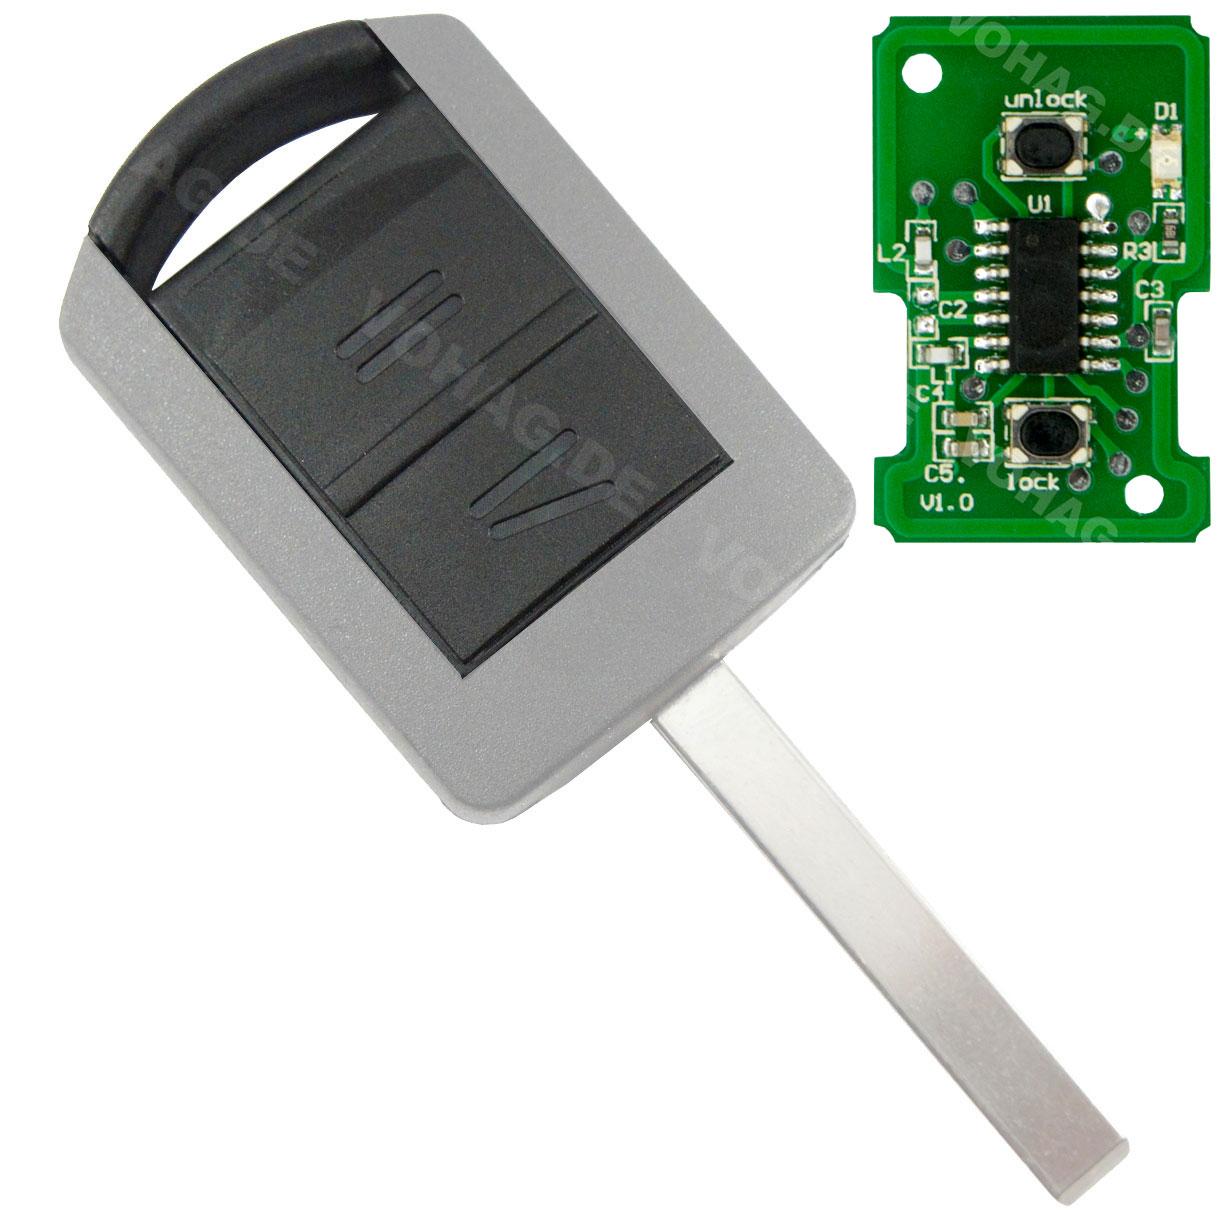 2 Tasten Gehäuse 433 Mhz mit Elektronik für Autoschlüssel